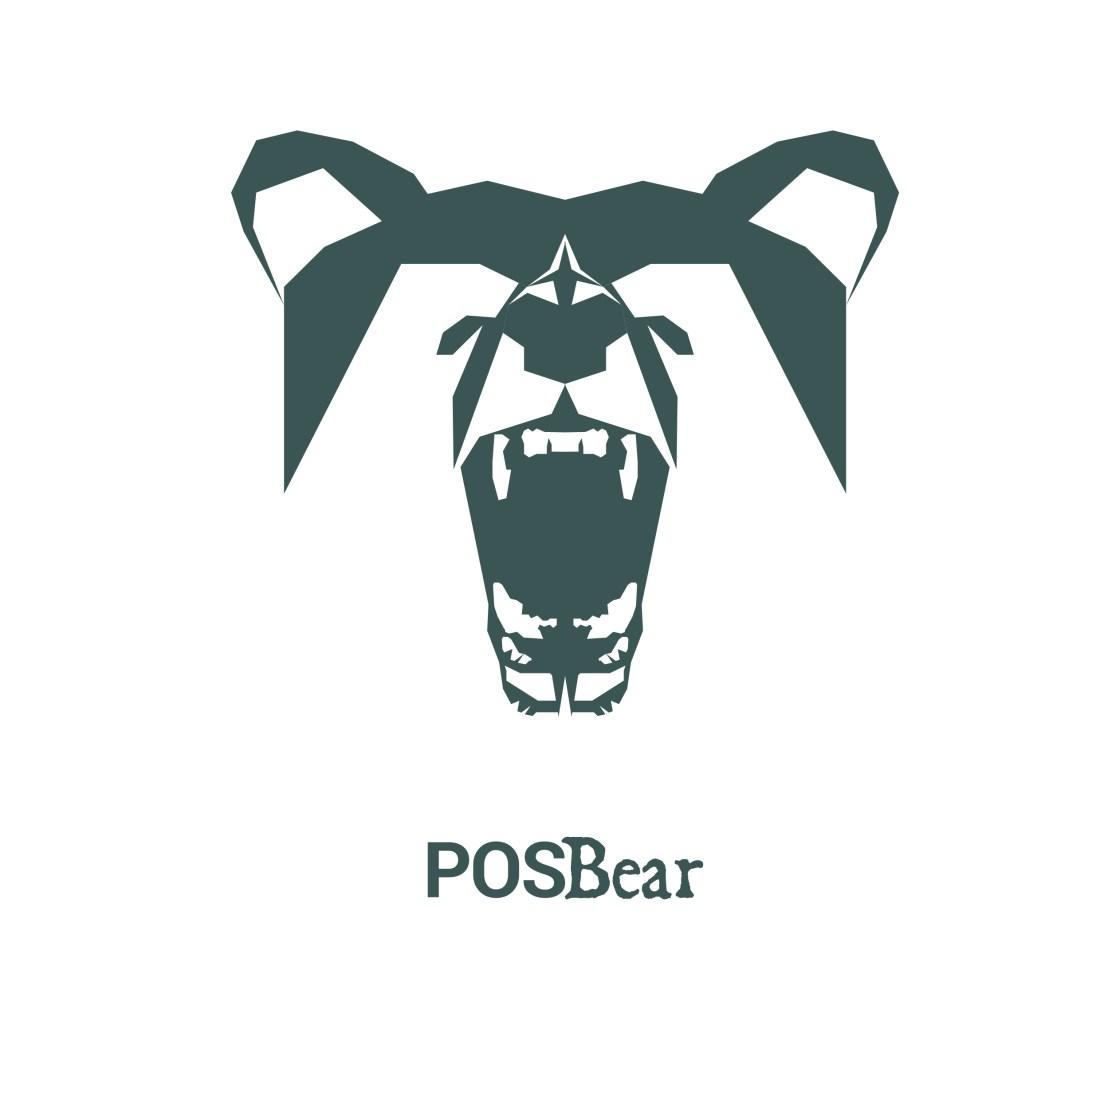 Werbeagentur Layoutriot referenzen: posbear logo